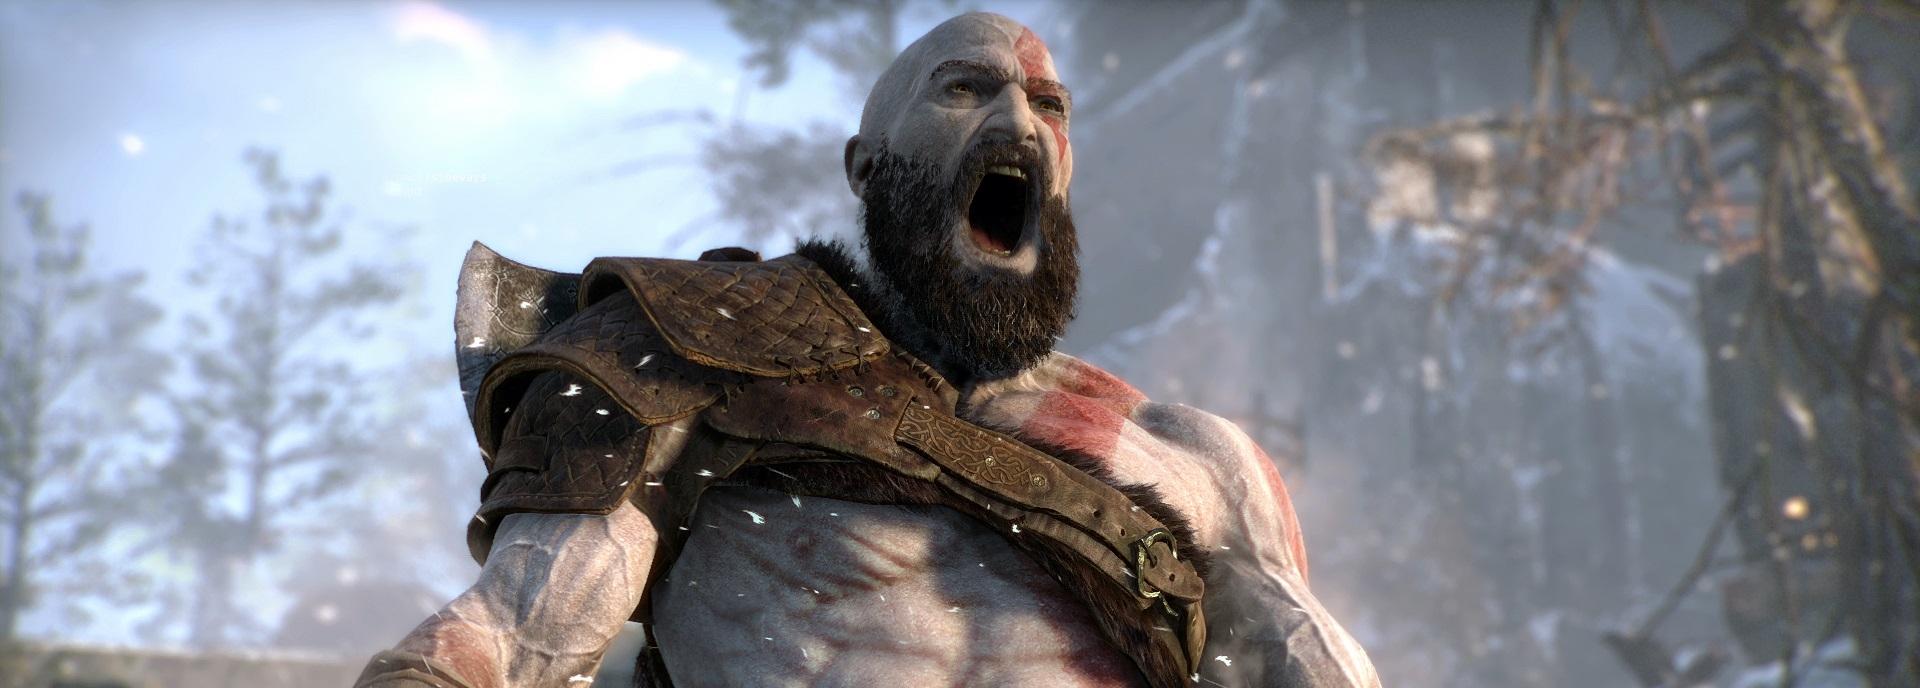 Dublador de Kratos agora lista God of War para 2018 em seu Twitter